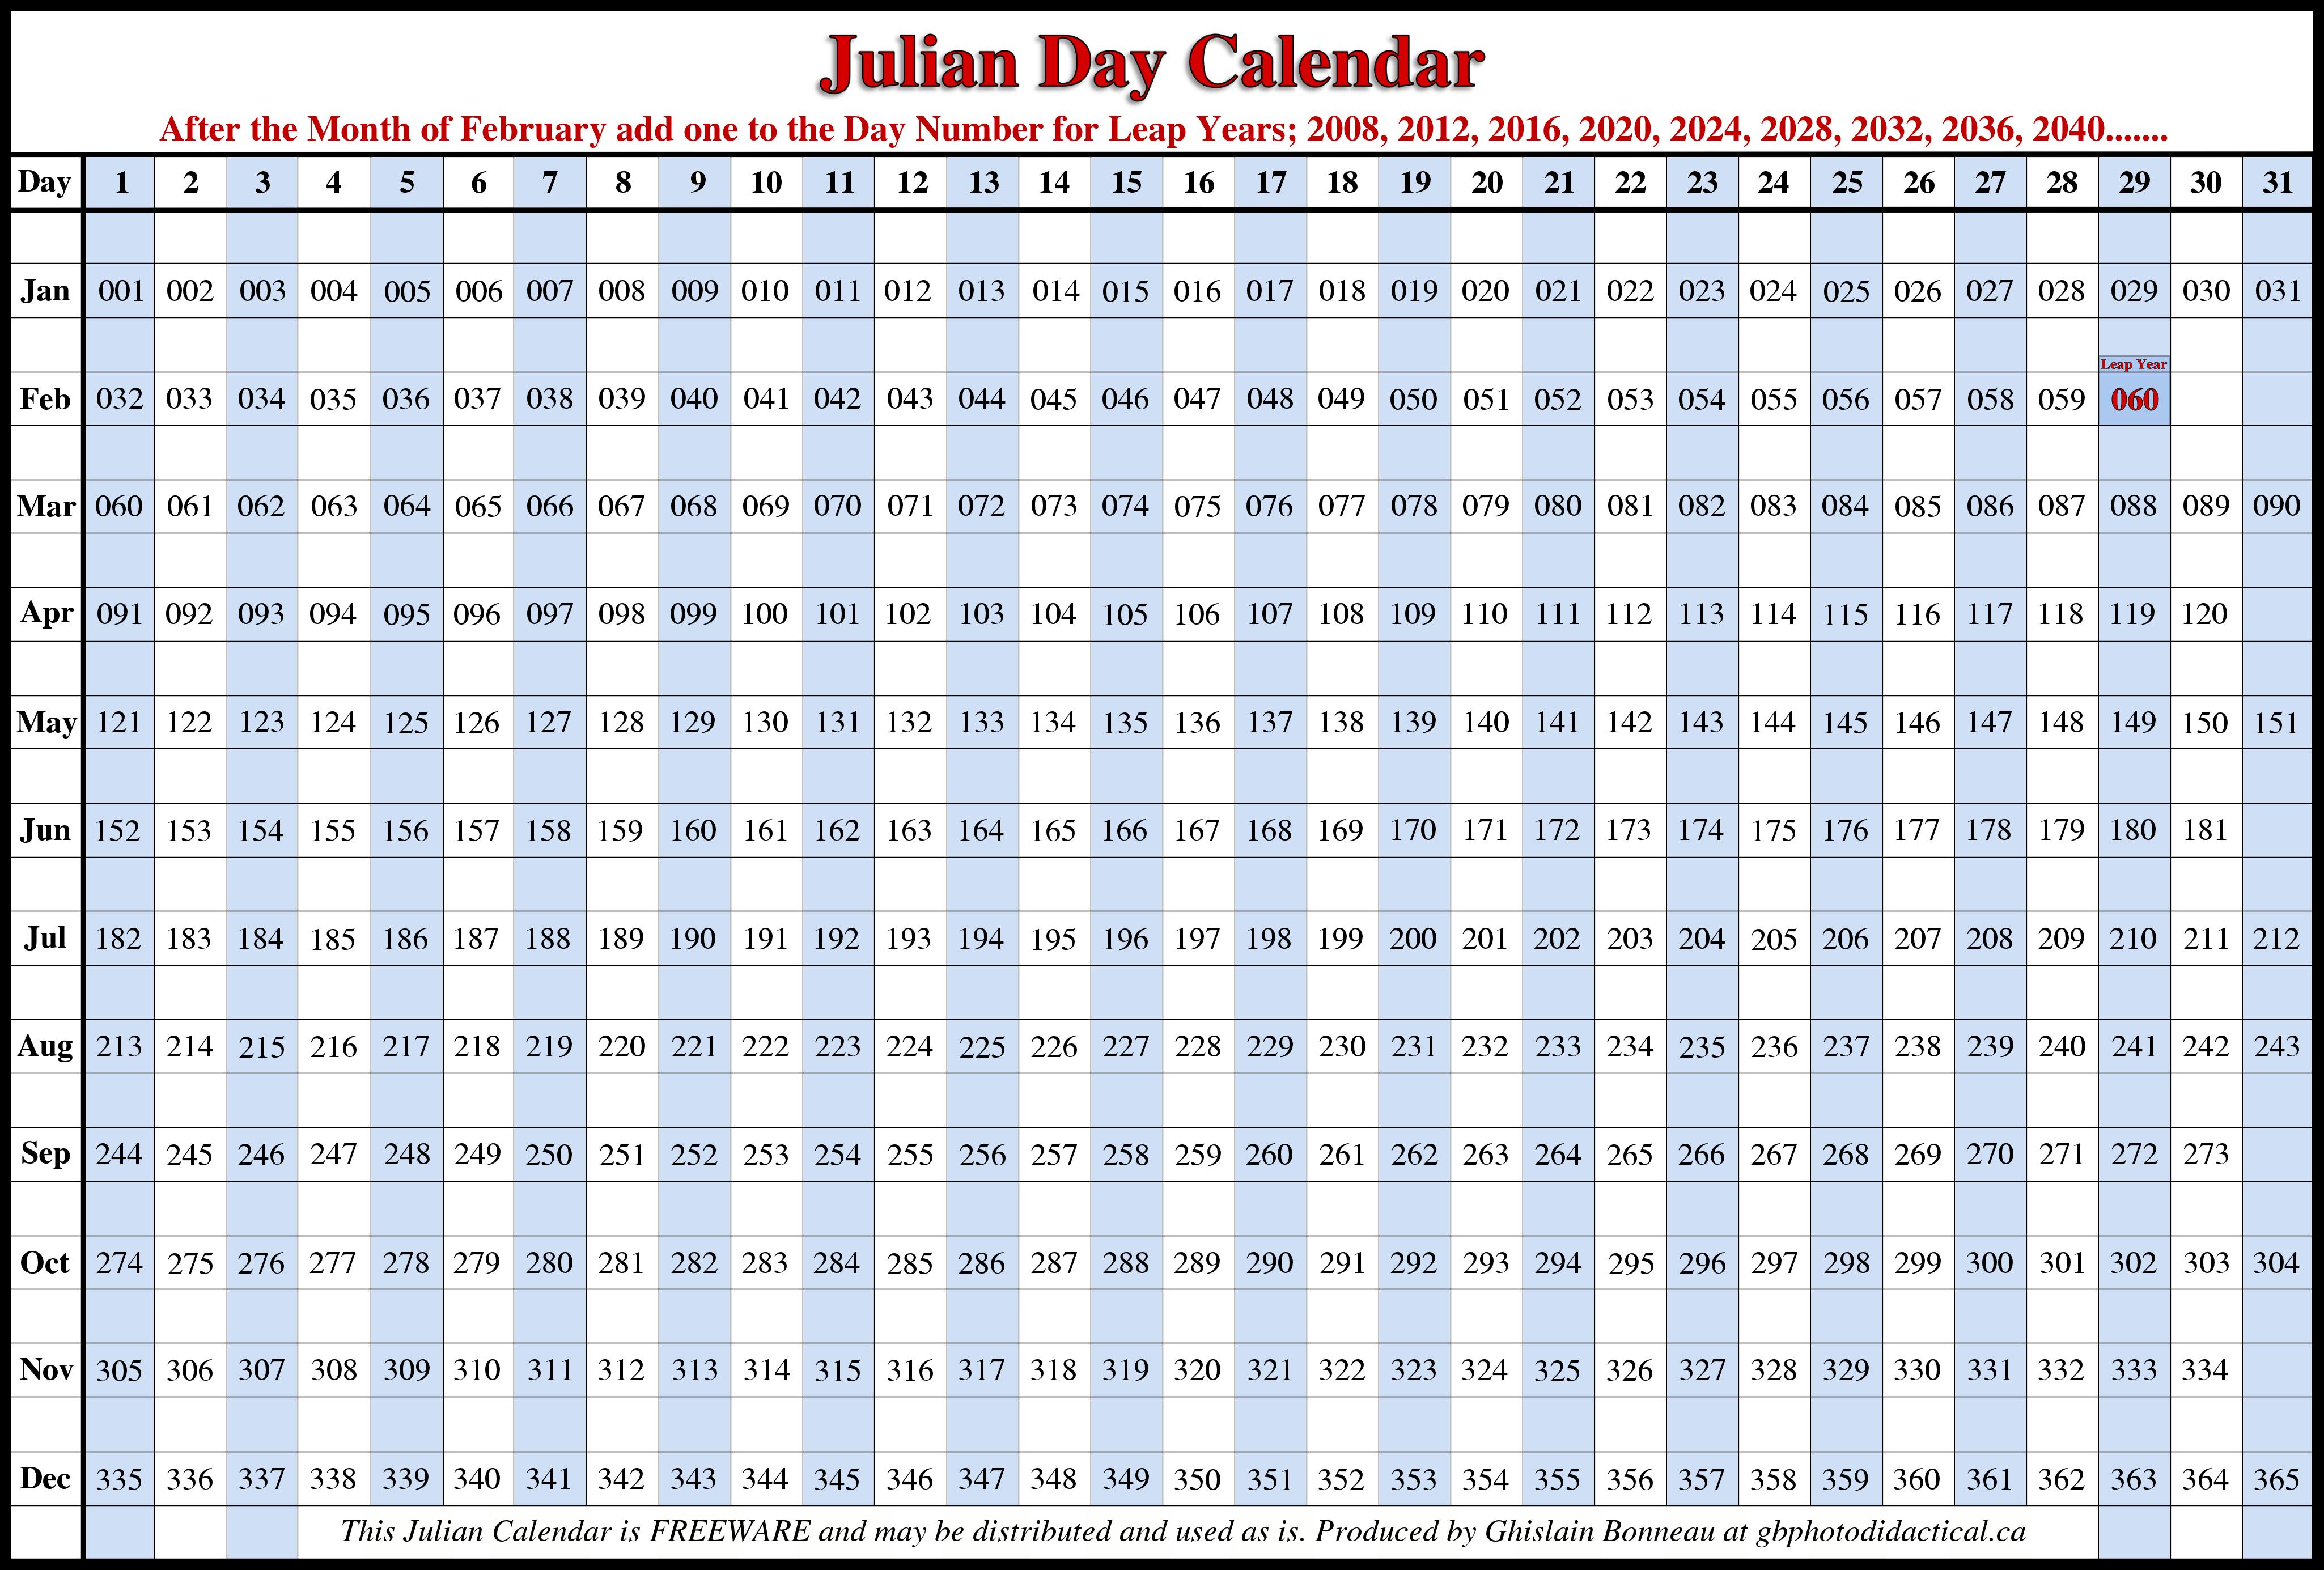 Julian Date 2015 | 2018 Calendar Template, 2015 Calendar inside December Calander With Julian Dates